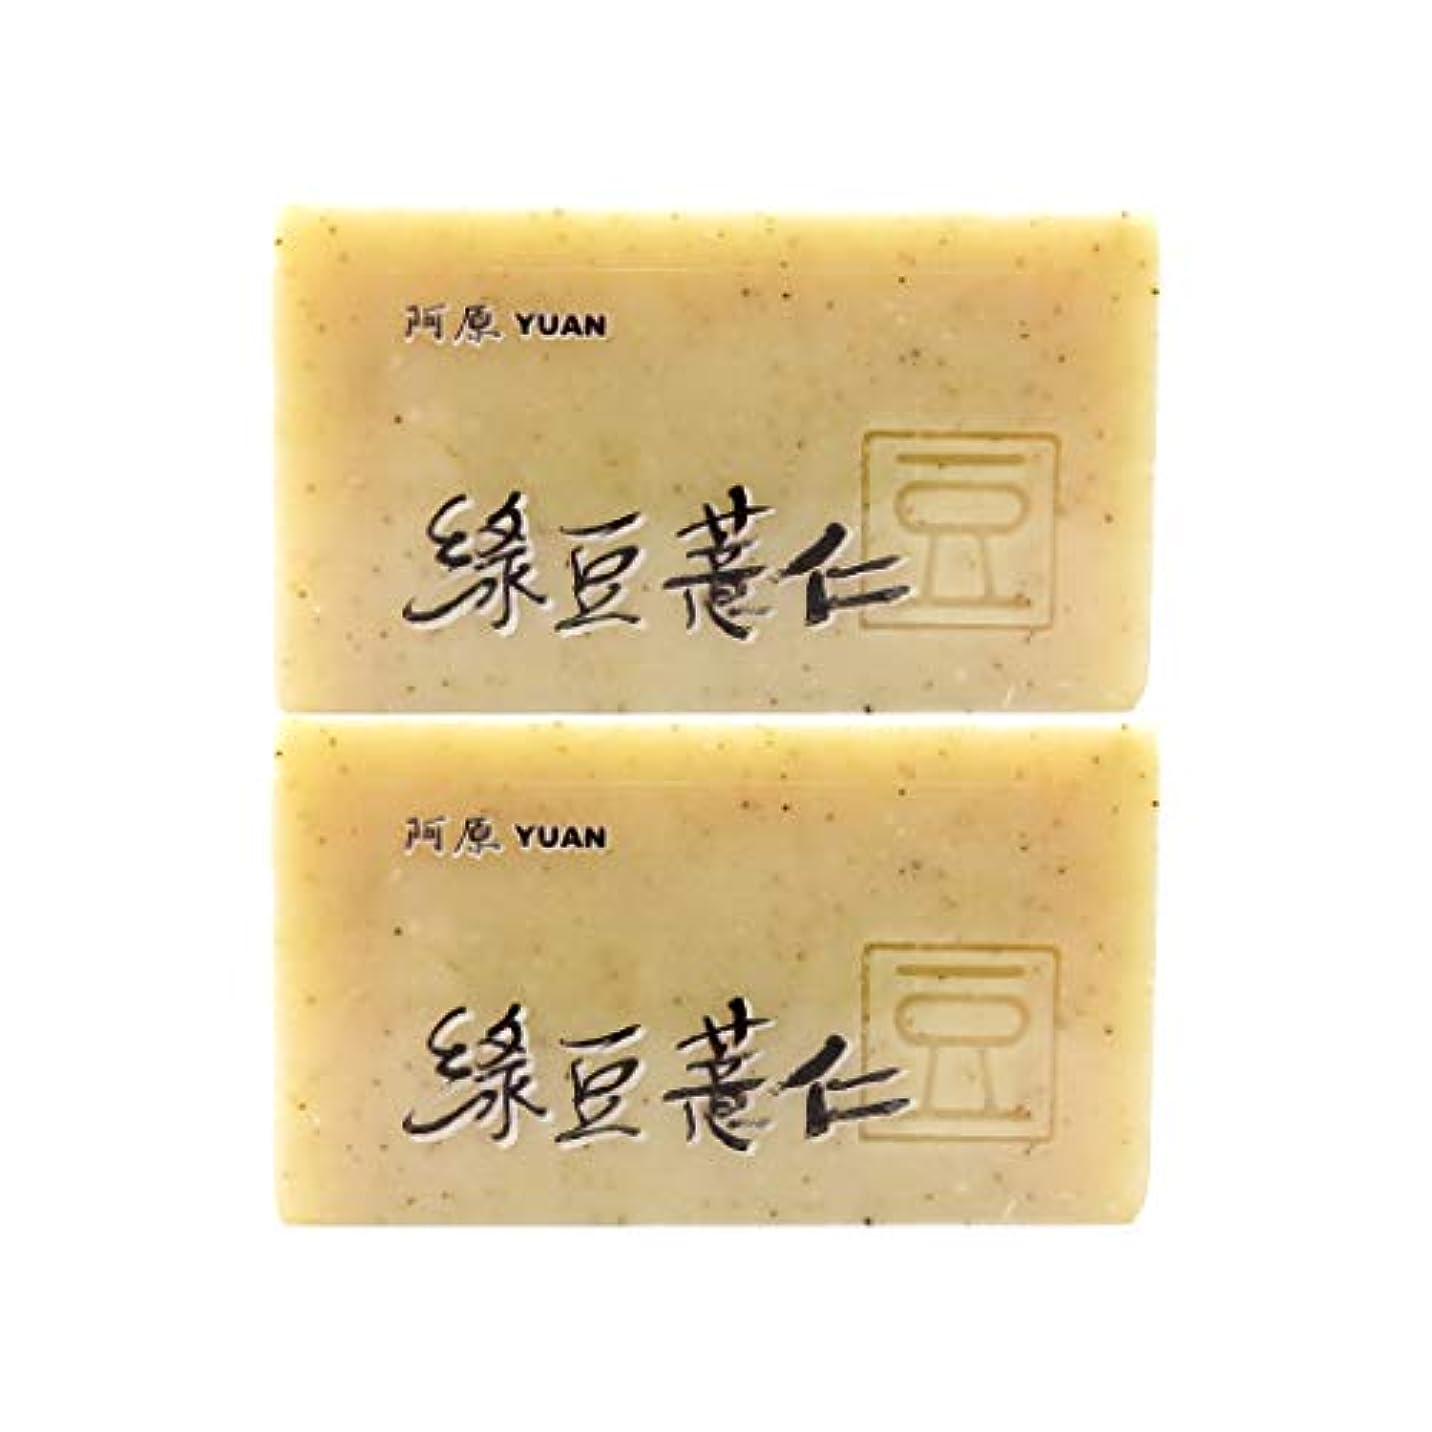 優しい広々とした福祉ユアン(YUAN) ハトムギ+リョクトウソープ 100g (2個セット)